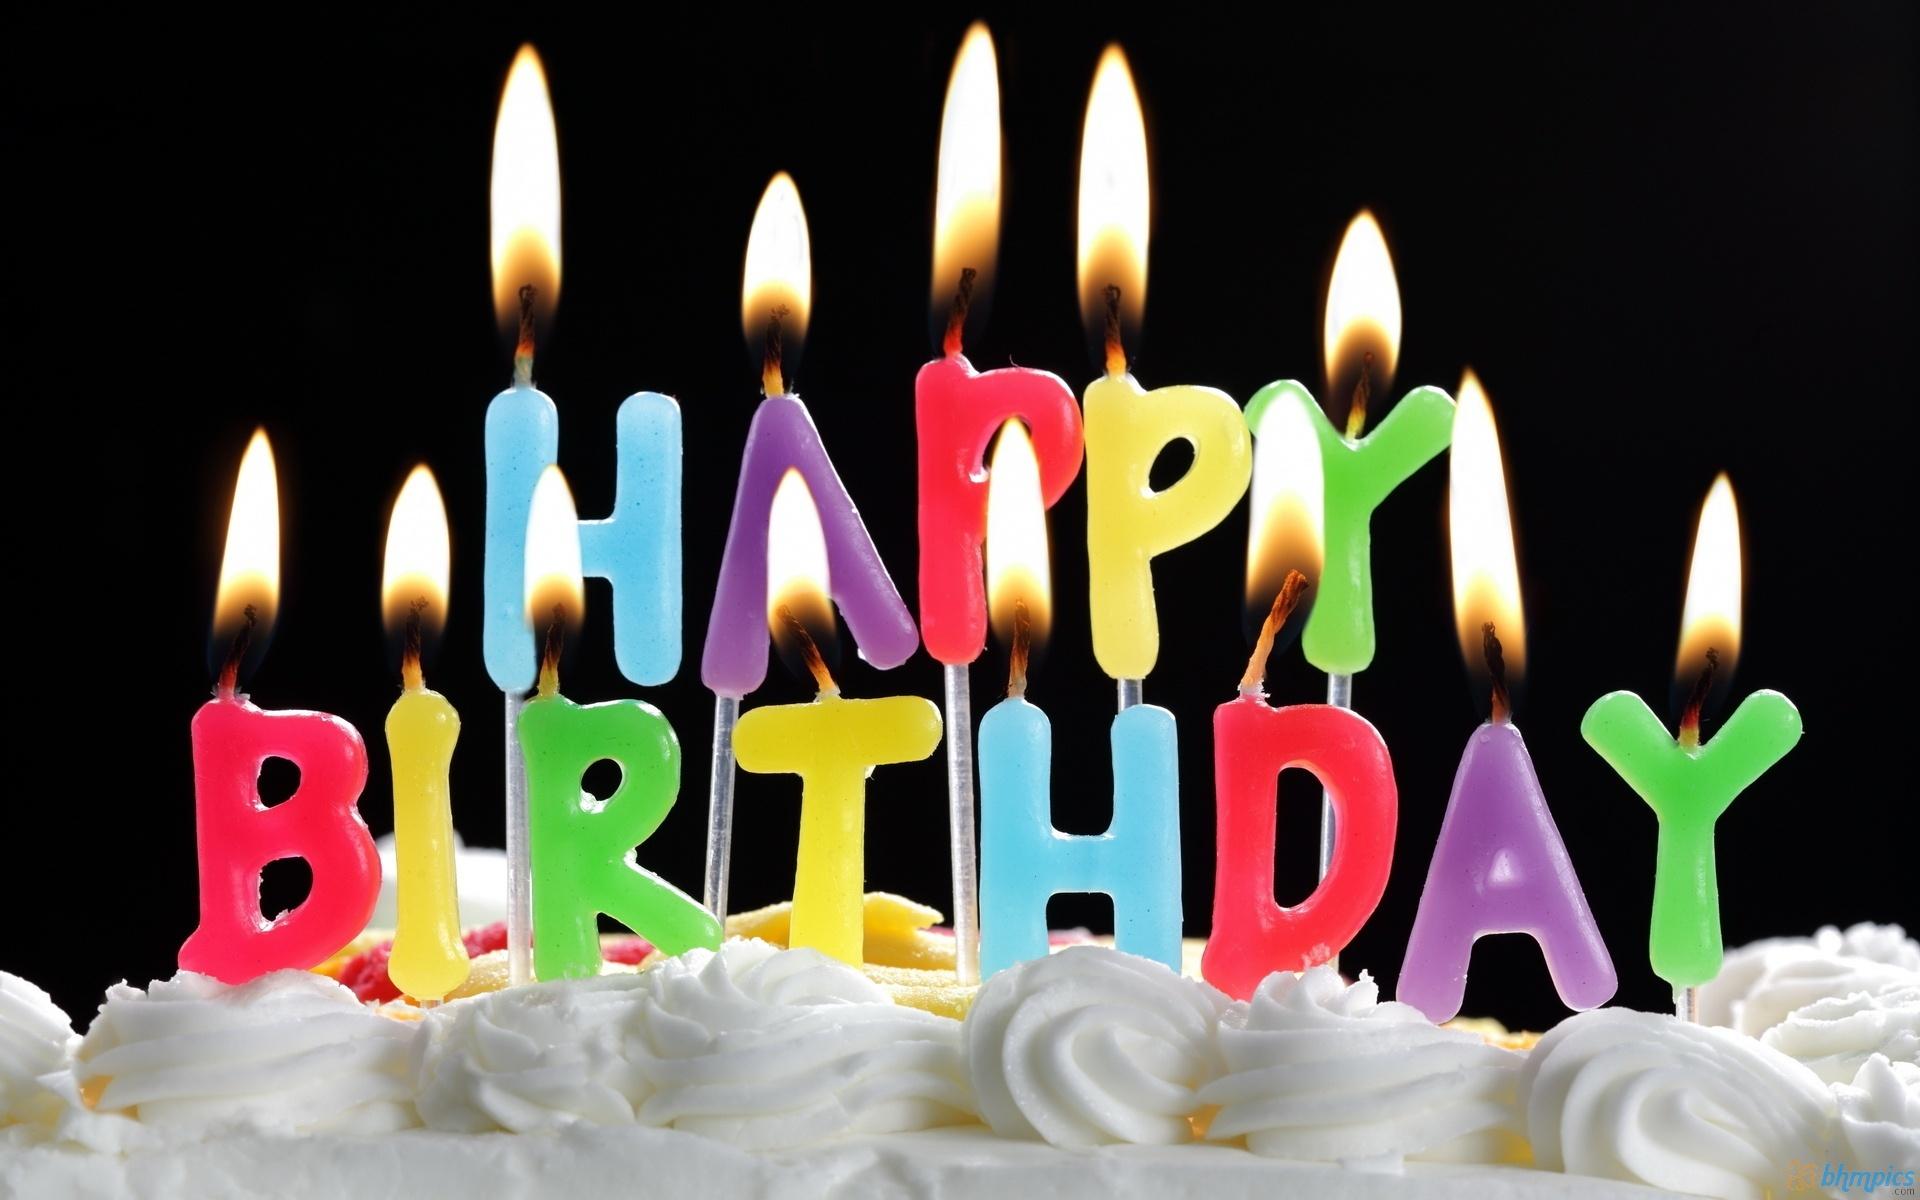 birthday-cake-happy